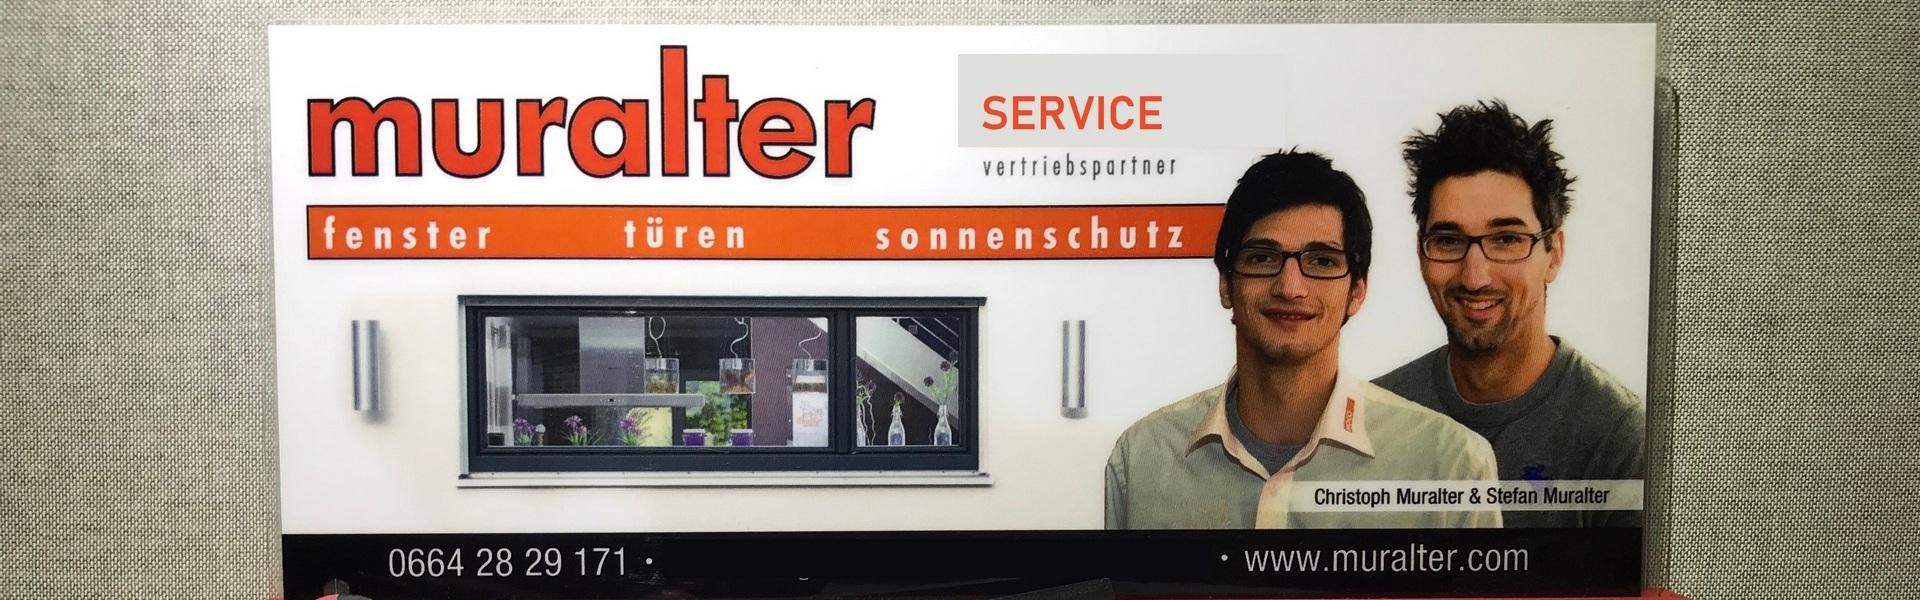 Muralter - Servicearbeiten